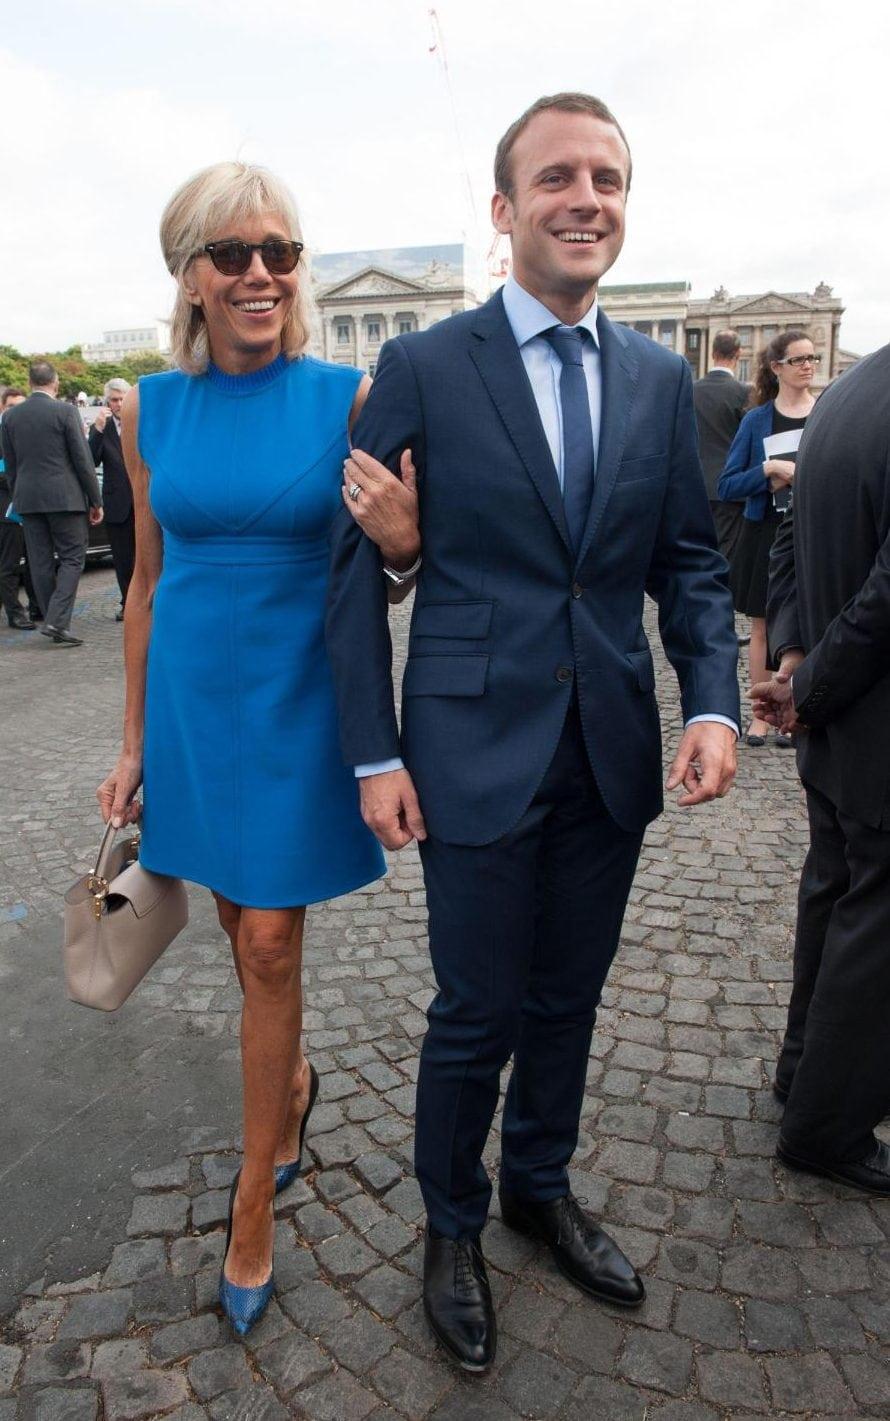 Brigitte Macron First Fashion Lady of France by Runway Magazine